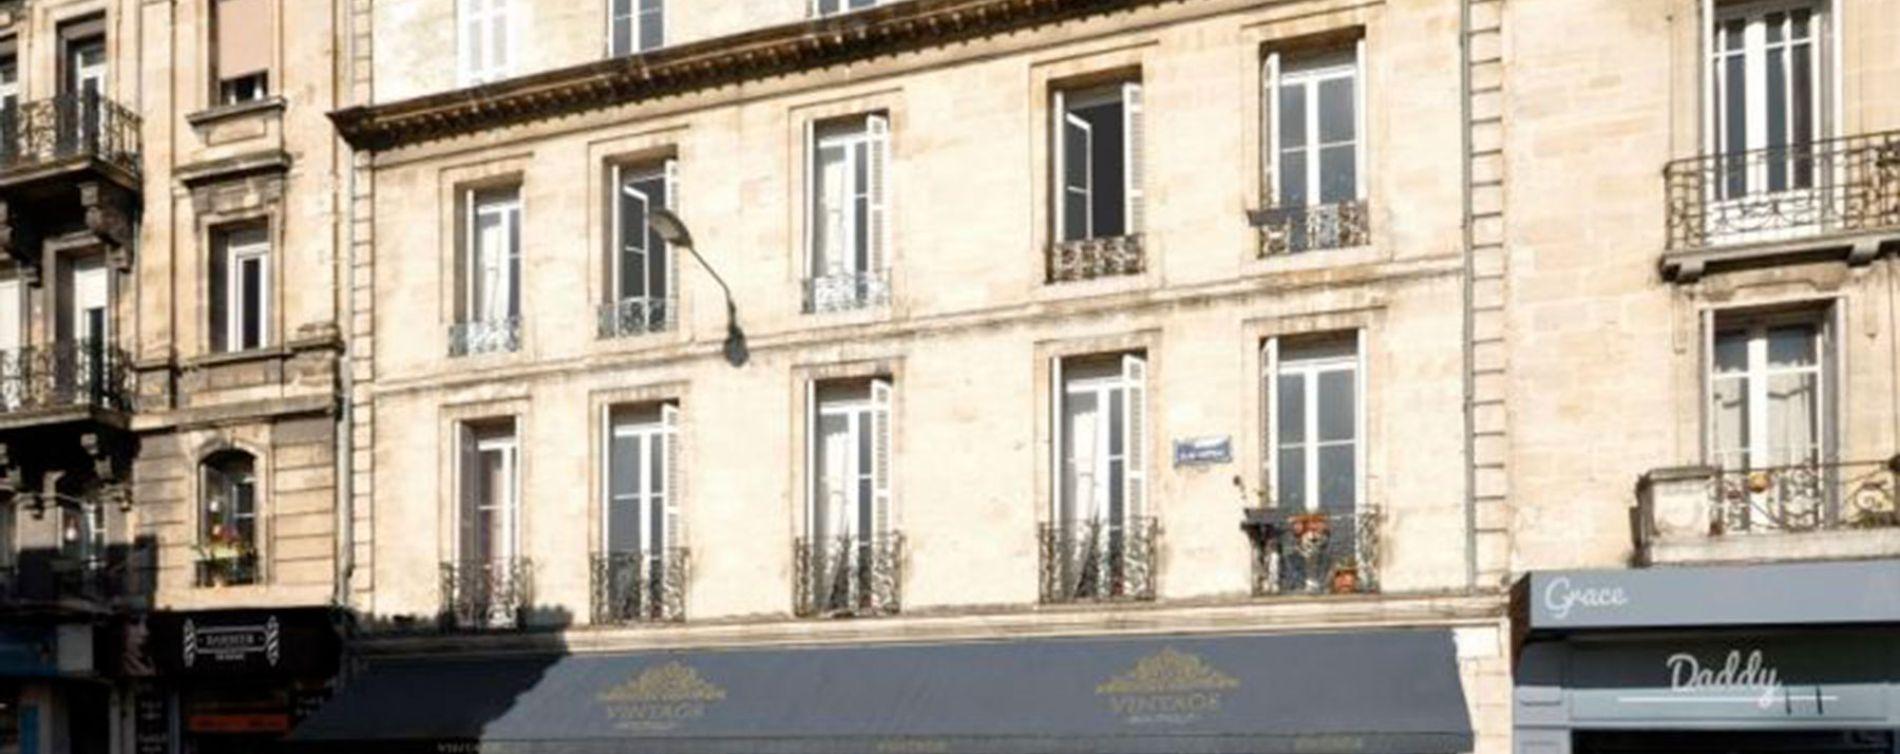 Résidence 15 Rue Contrescarpe à Bordeaux